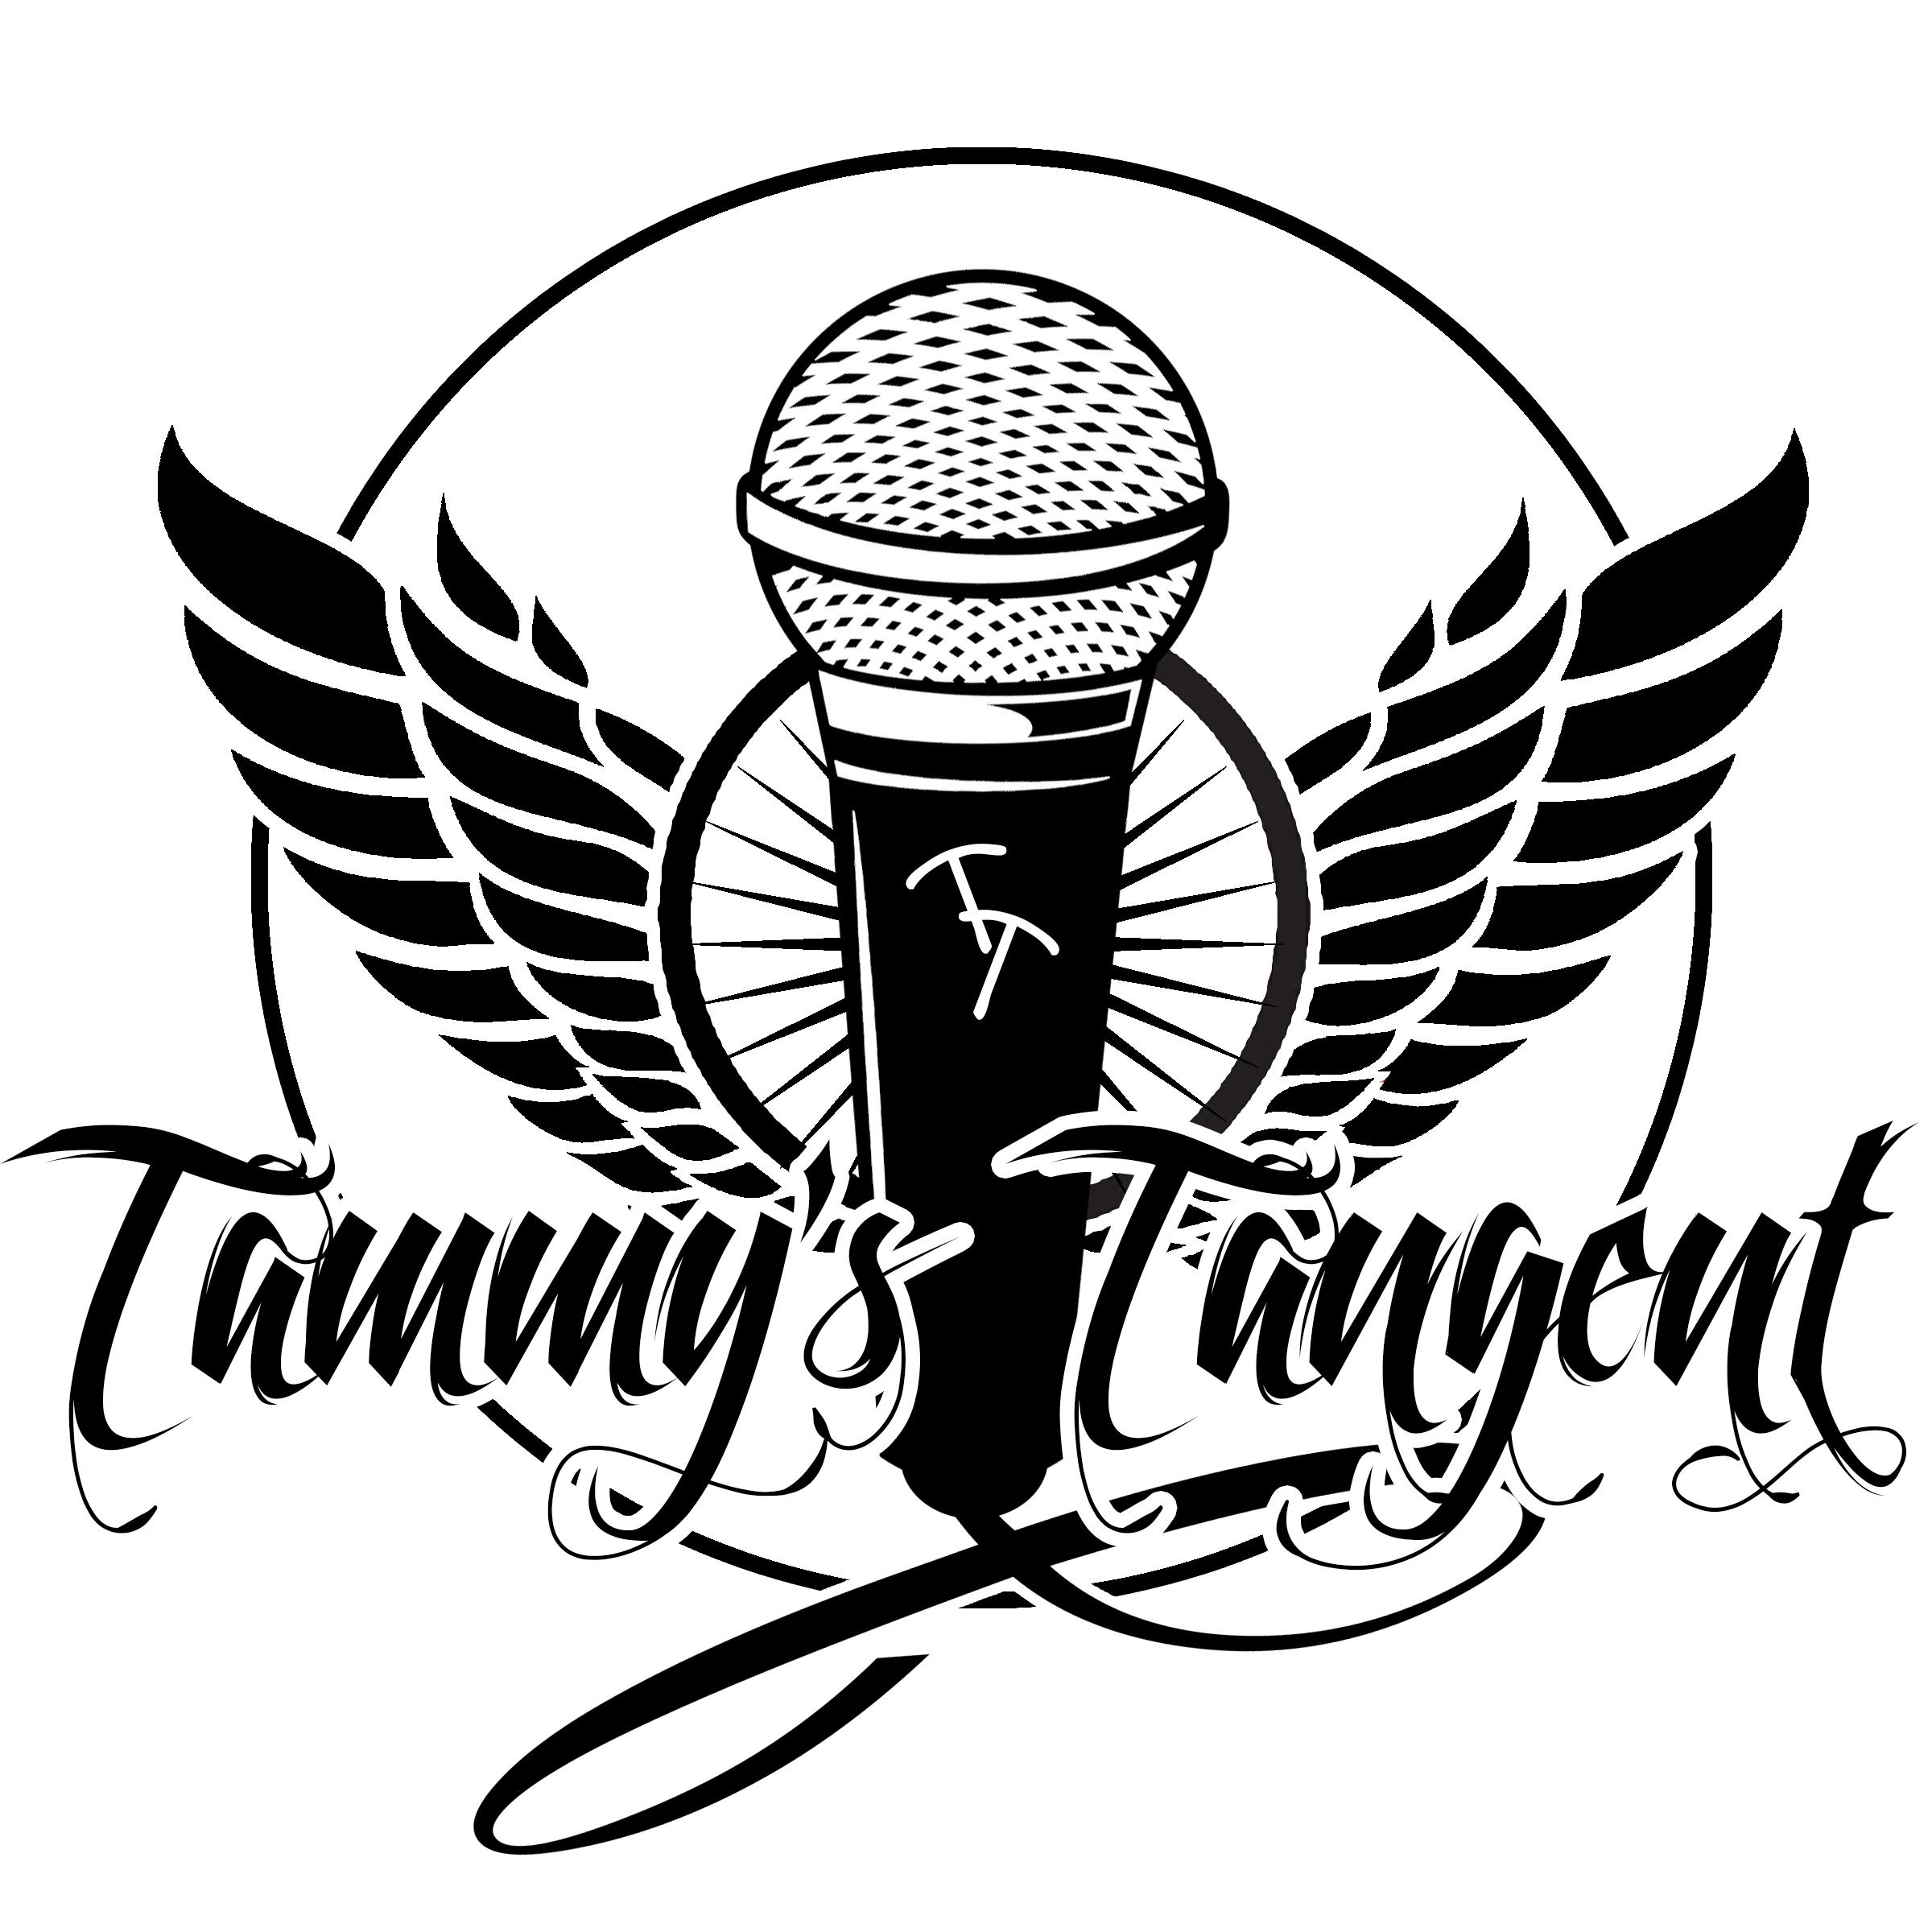 TT logo 1